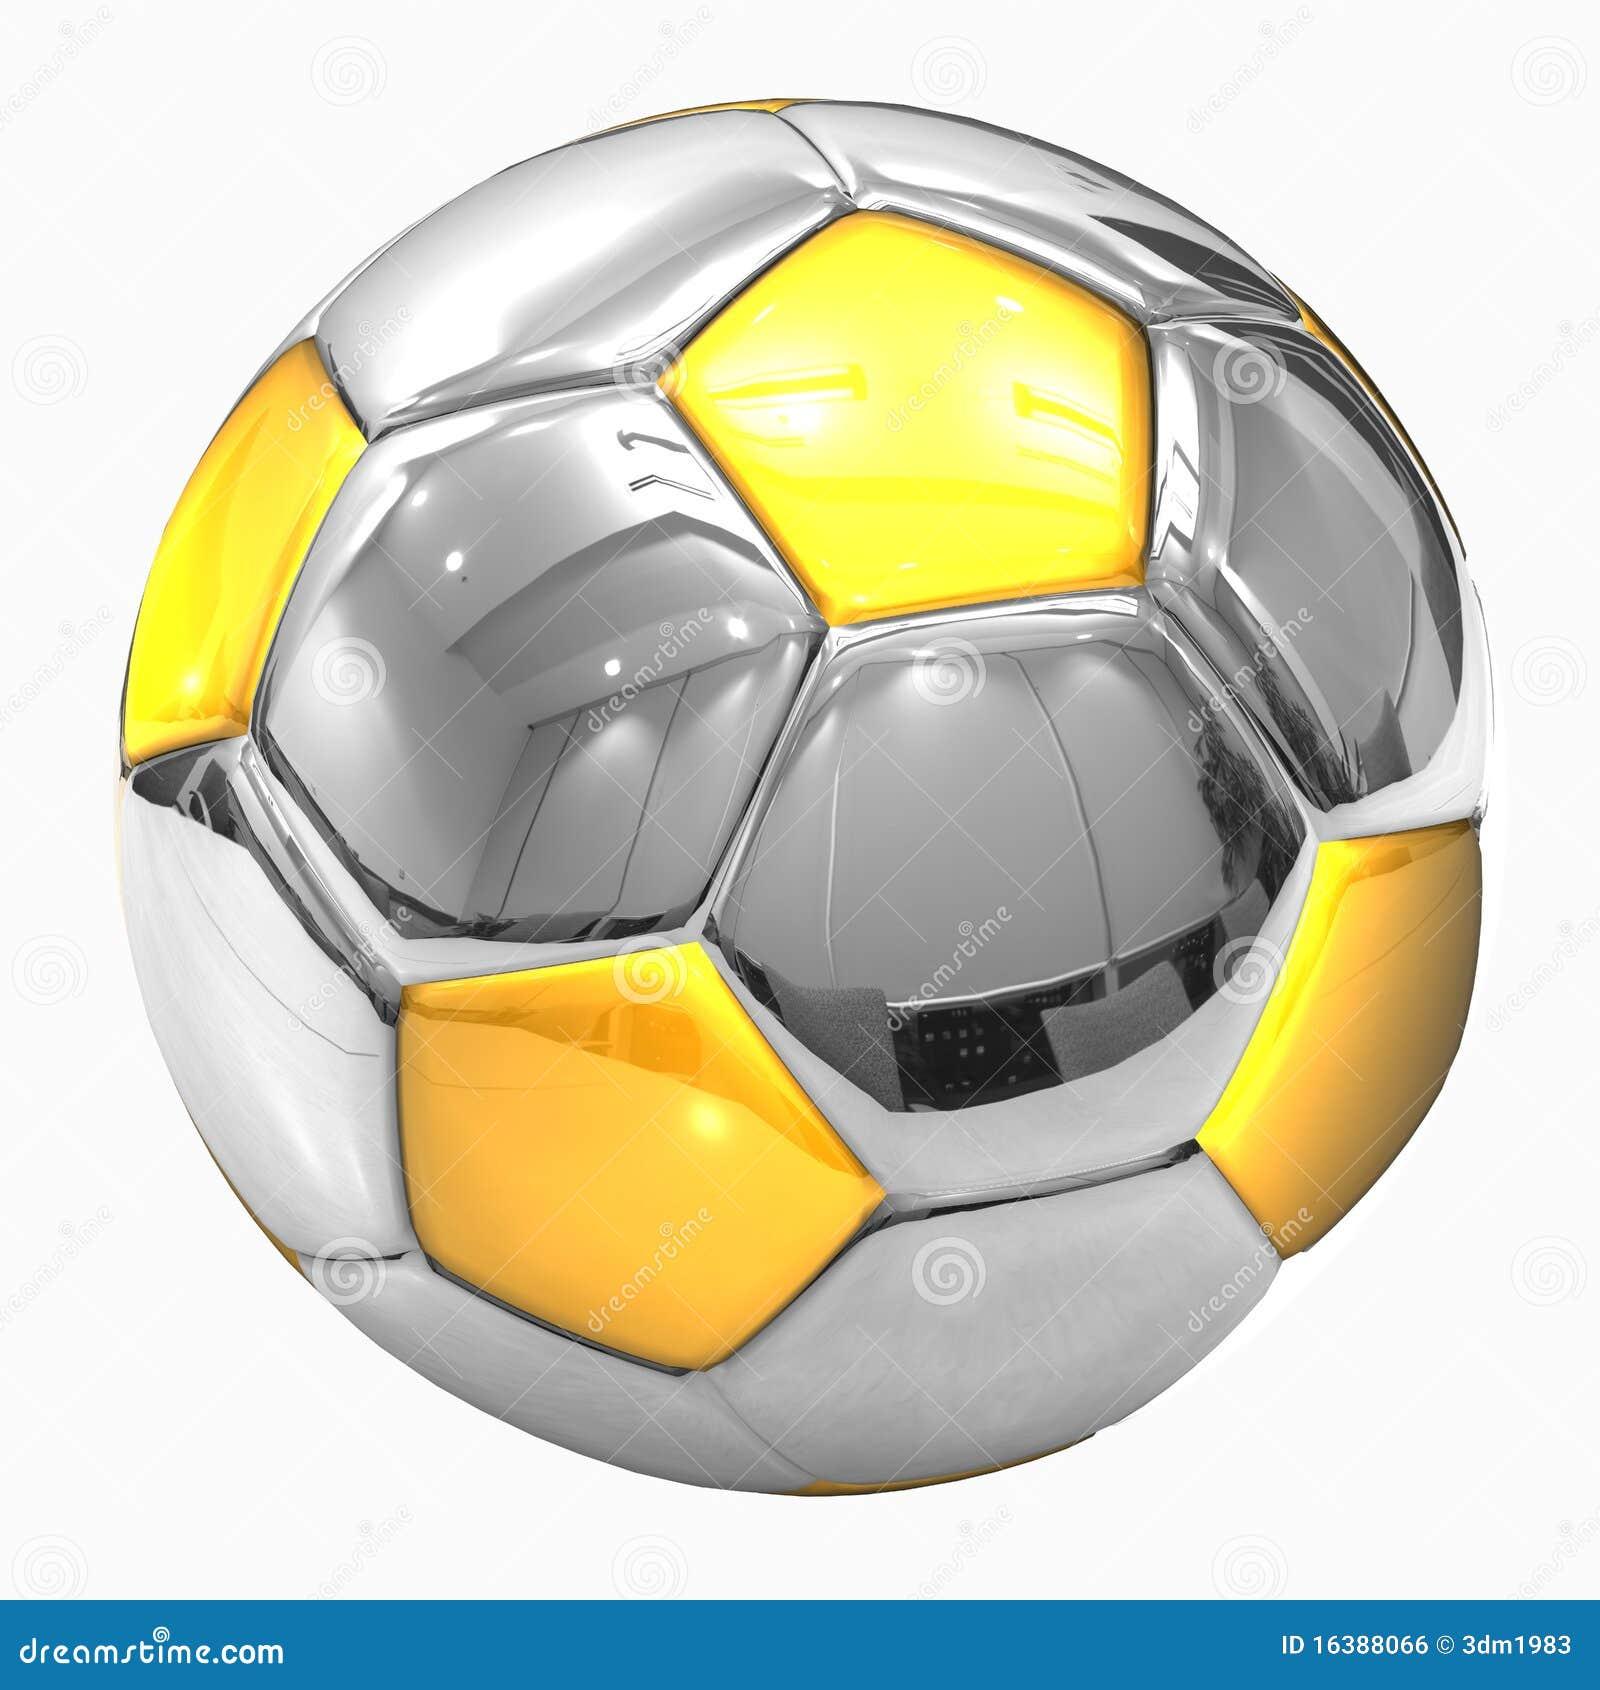 Golden Chrome Football Soccer Ball Stock Illustrations 15 Golden